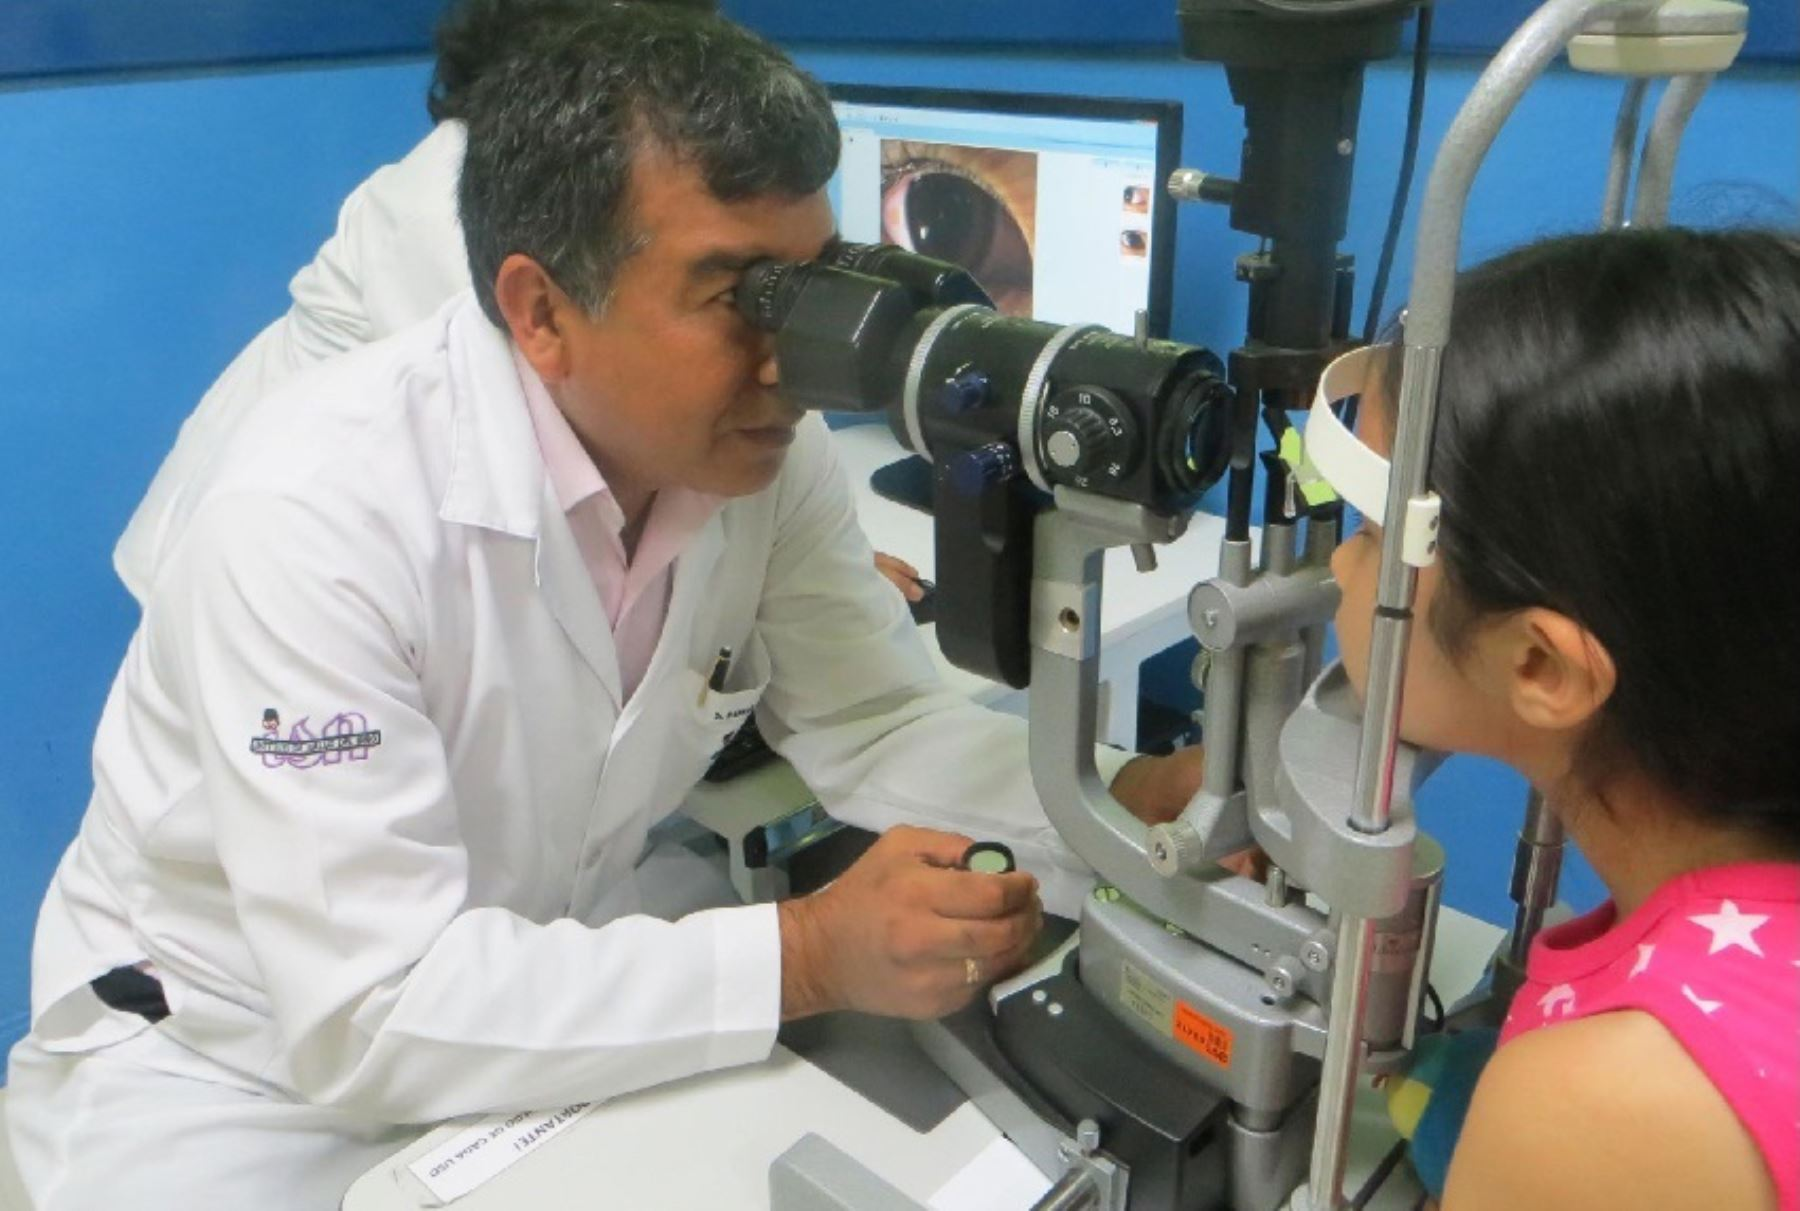 Ceguera aumenta alarmantemente en diabéticos. Foto: ANDINA/Difusión